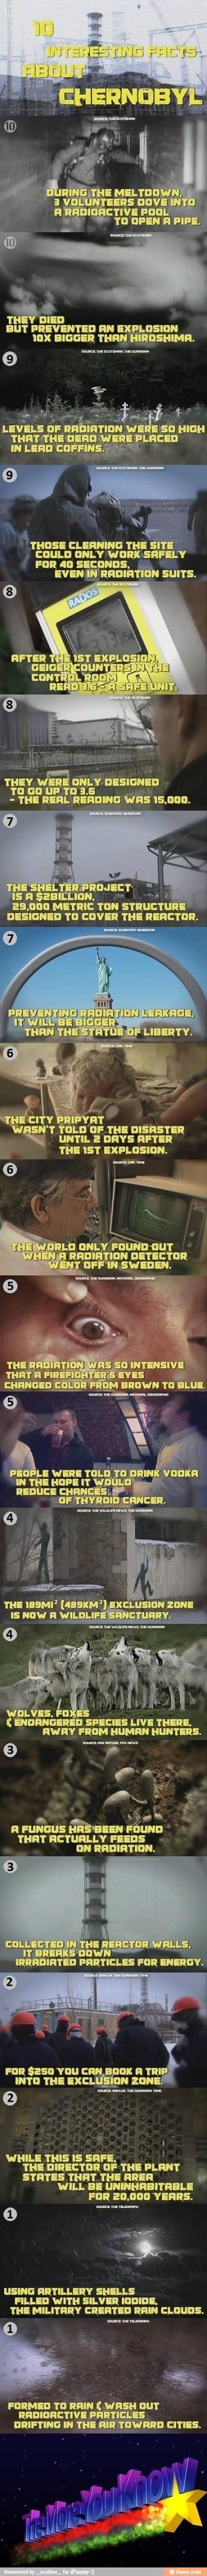 chernobyl_facts_010914b